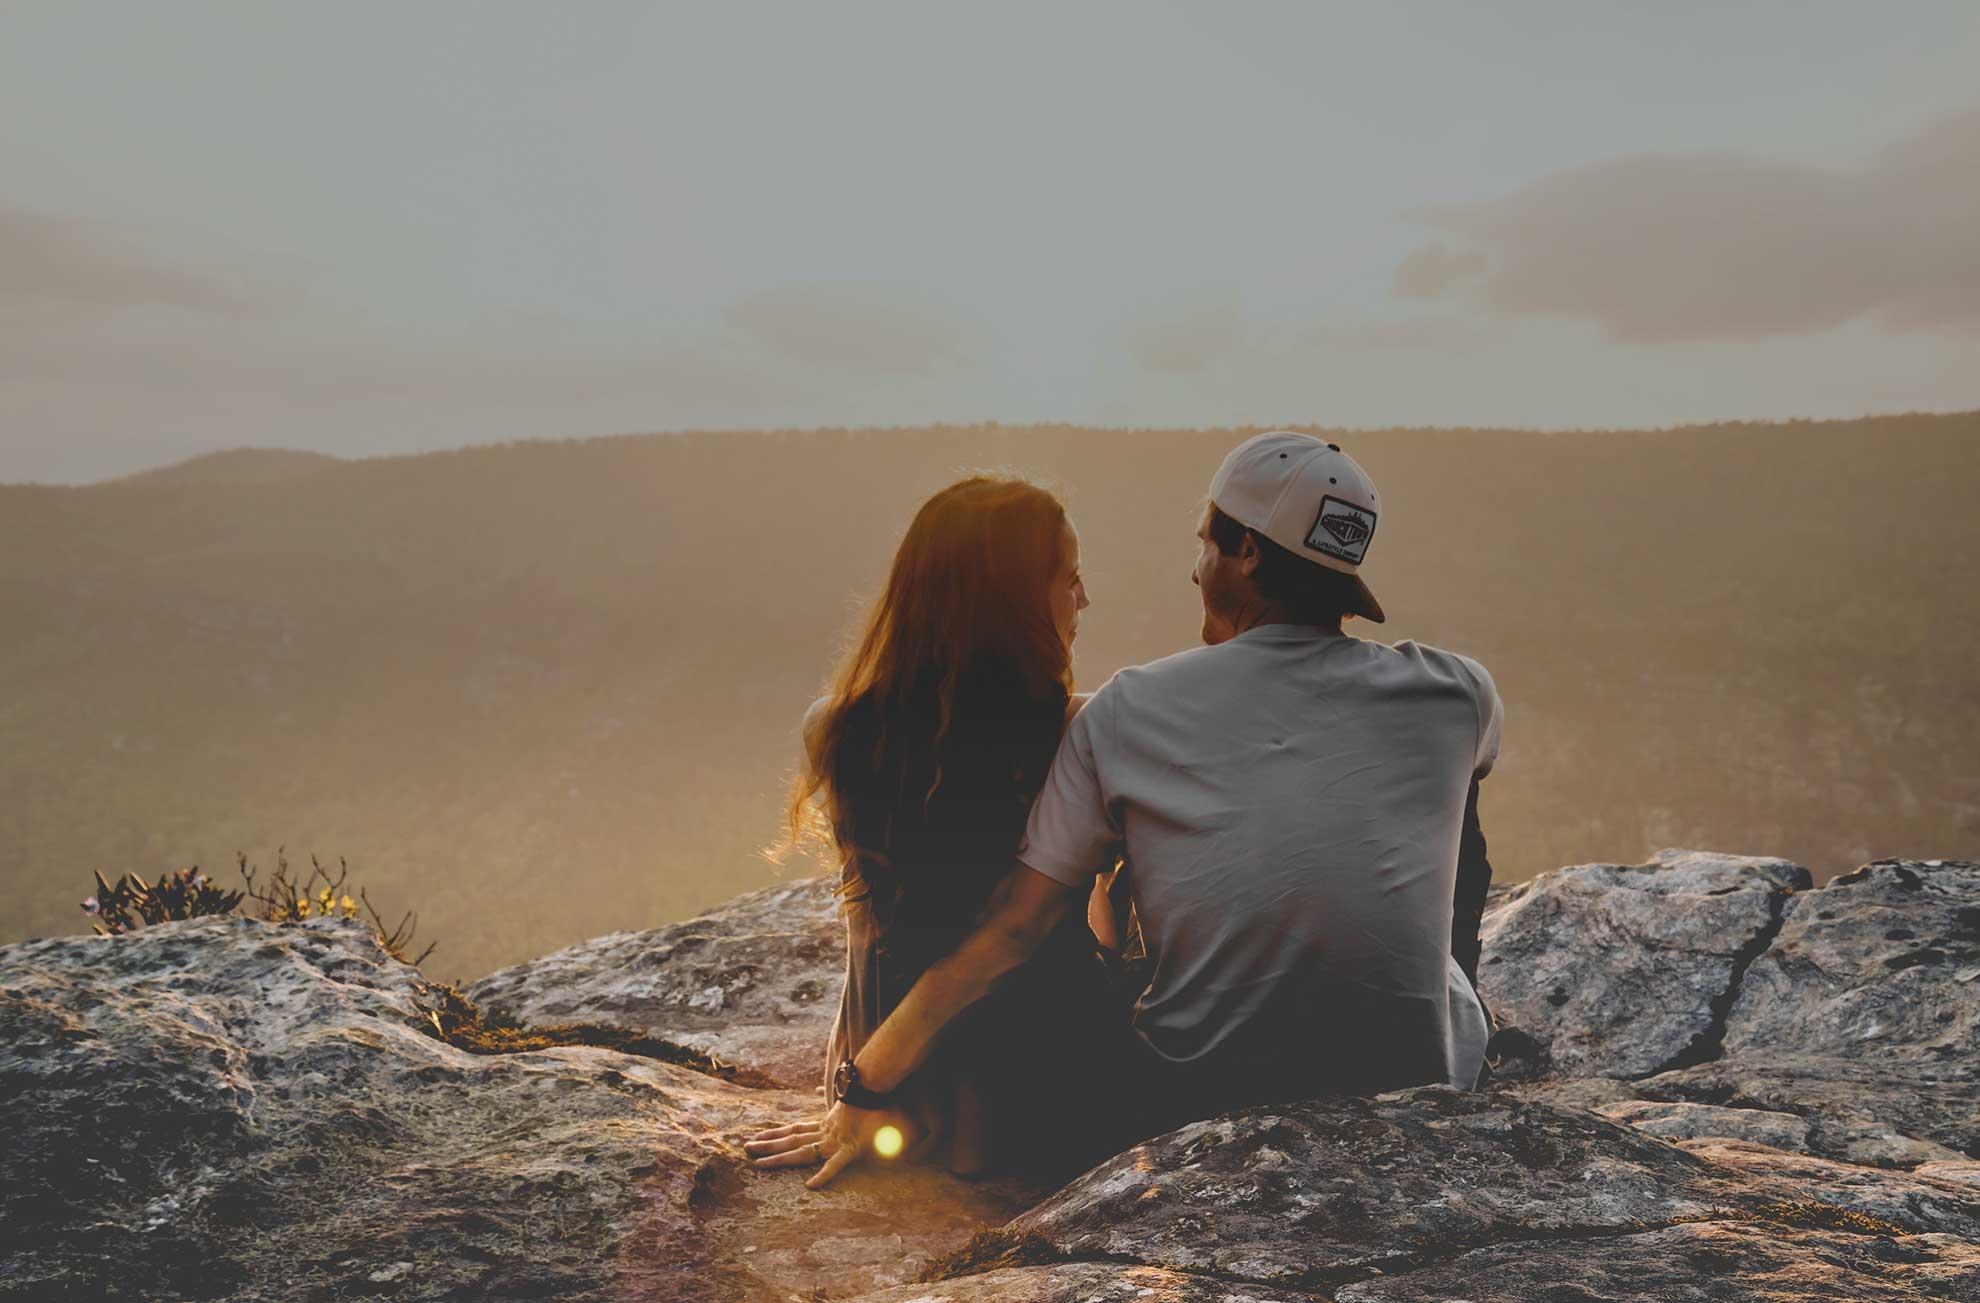 Mi pareja no quiere hablar de nuestros problemas; ¿Qué puedo hacer?